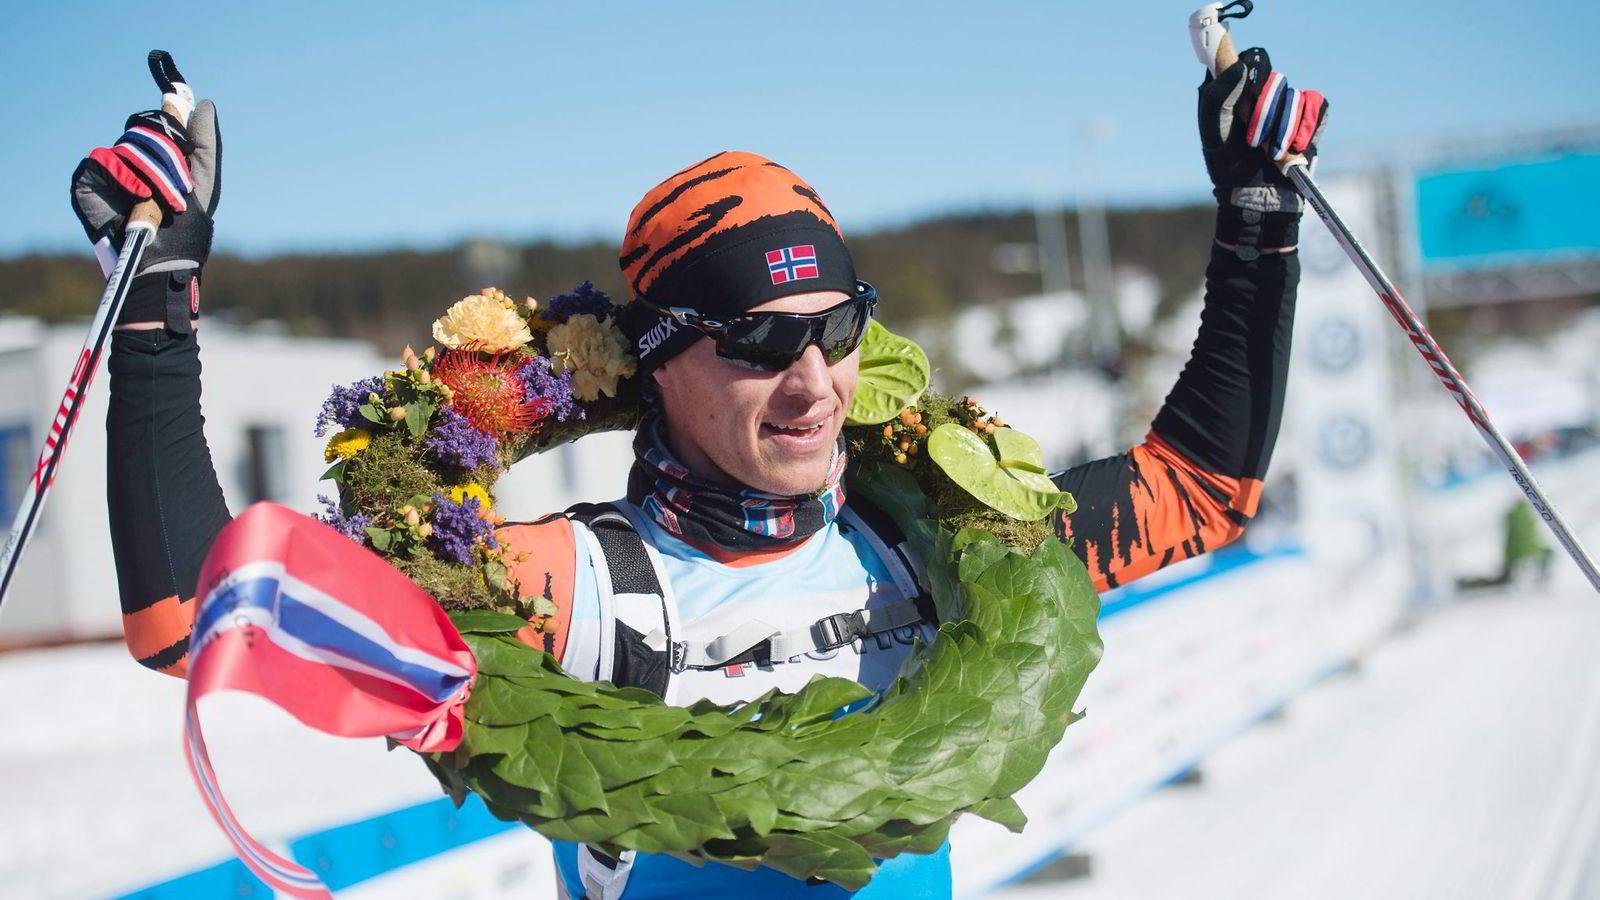 Birken-vinner Petter Eliassen er én av flere skiløpere som har vunnet klassiske skirenn ved å stake fra start til mål uten festesmurning. Nå mener flere at klassisk langrenn har gått ut på dato som konkurranseform. Foto: Hampus Lundgren